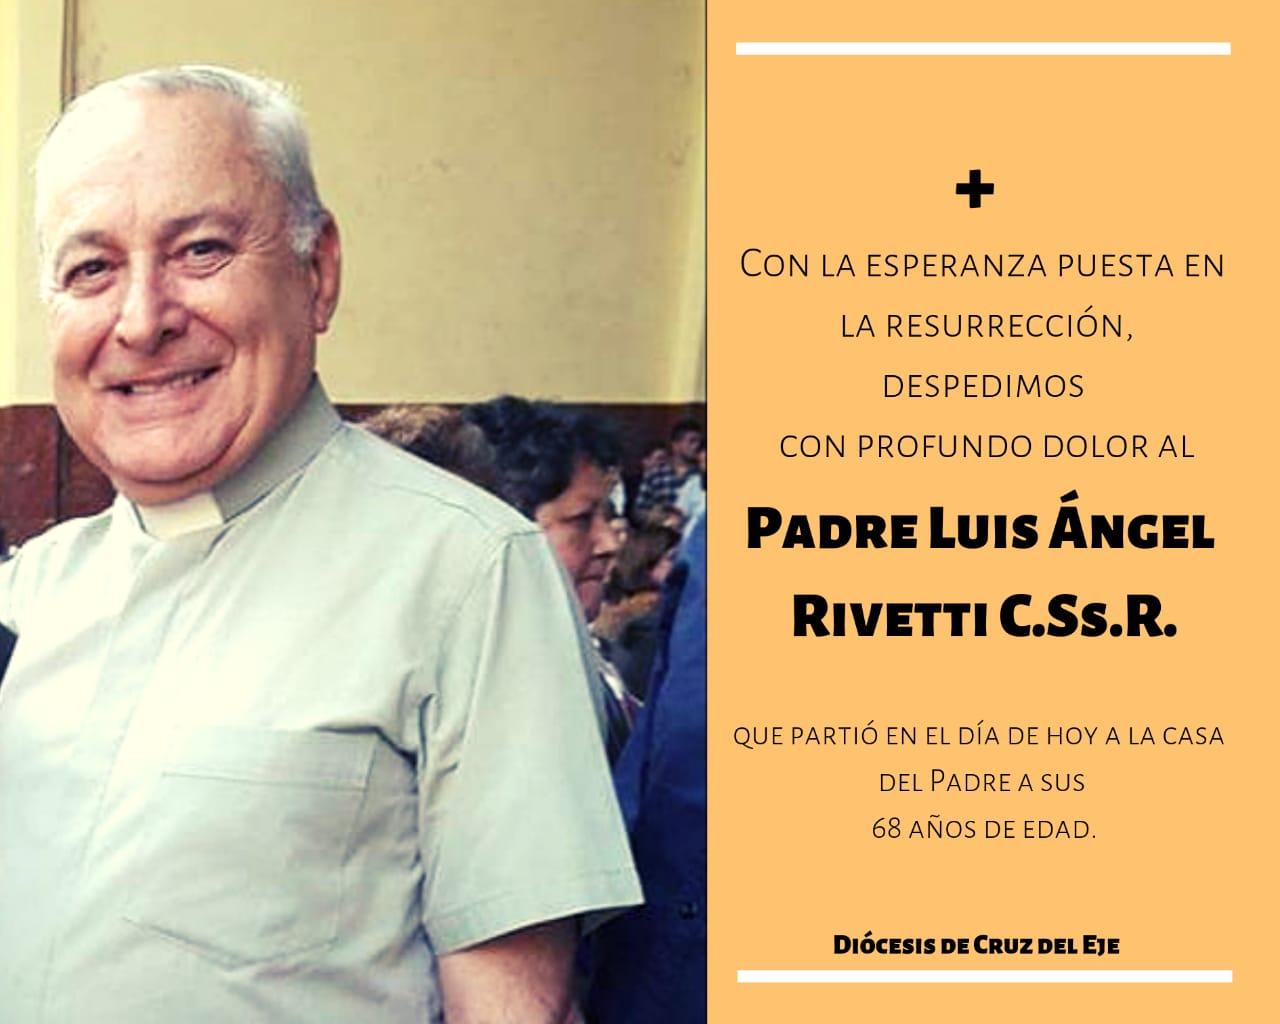 86417559a84 Esta mañana ha fallecido el padre Luis Ángel Rivetti, Administrador  Parroquial de la parroquia San Roque en Villa Sarmiento.